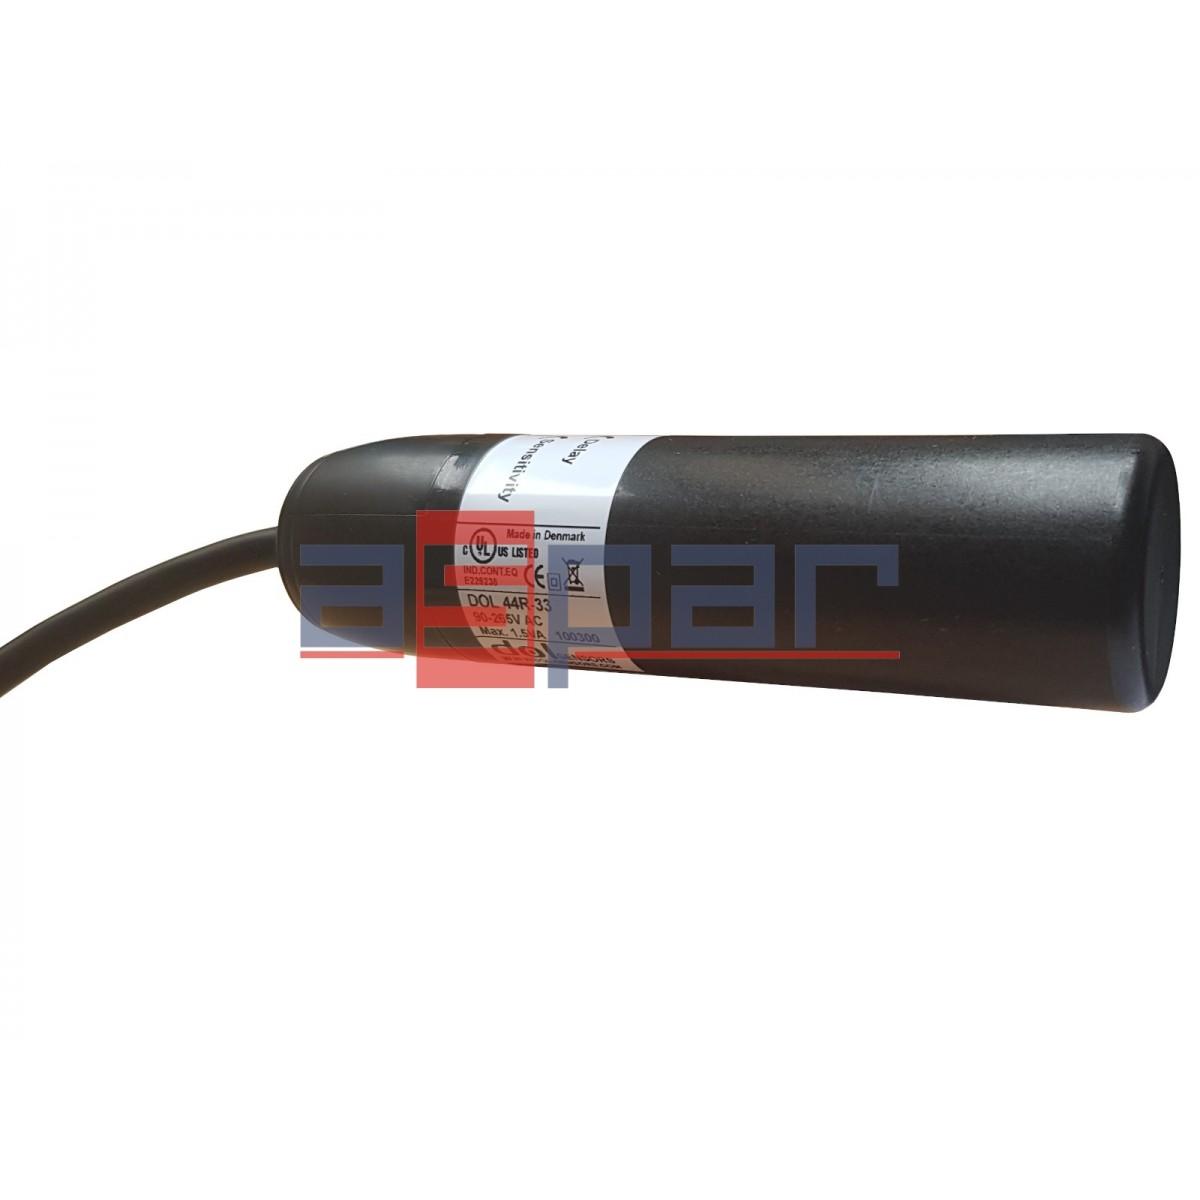 DOL 44R-33, 100300, 90-265VAC/DC